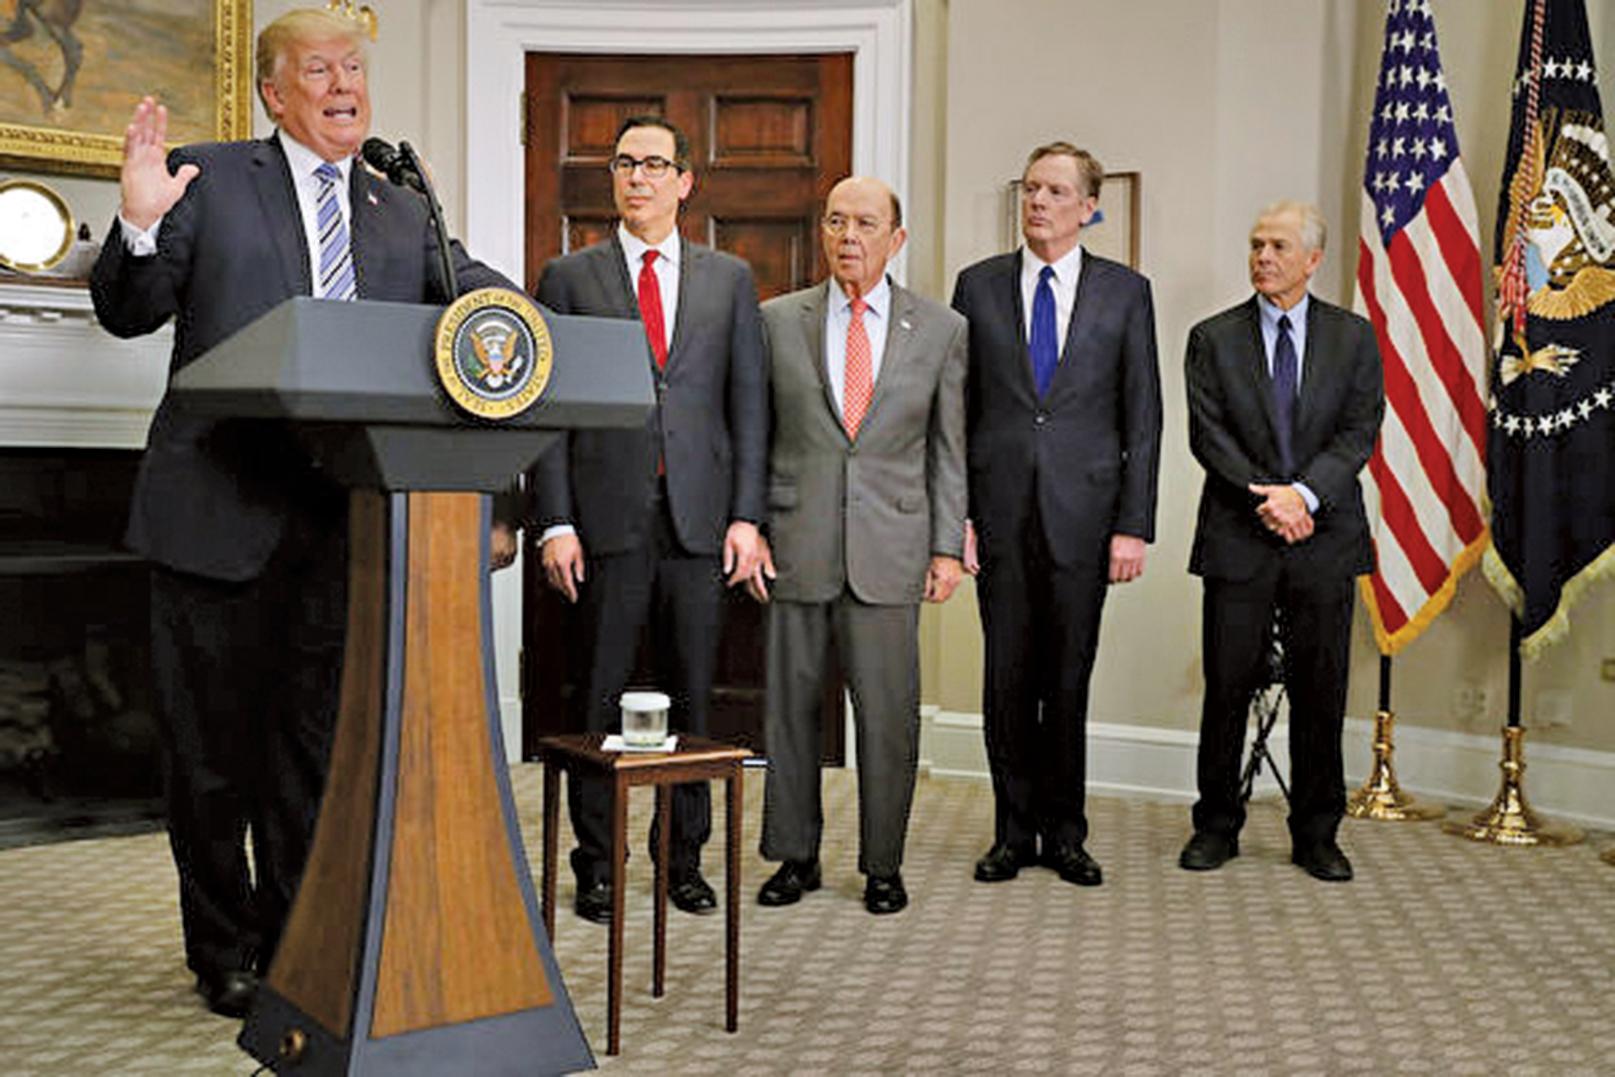 距離中美宣佈暫緩貿易戰只過去10天,特朗普政府周二表示,將繼續推行對華貿易行動。(Getty Images)